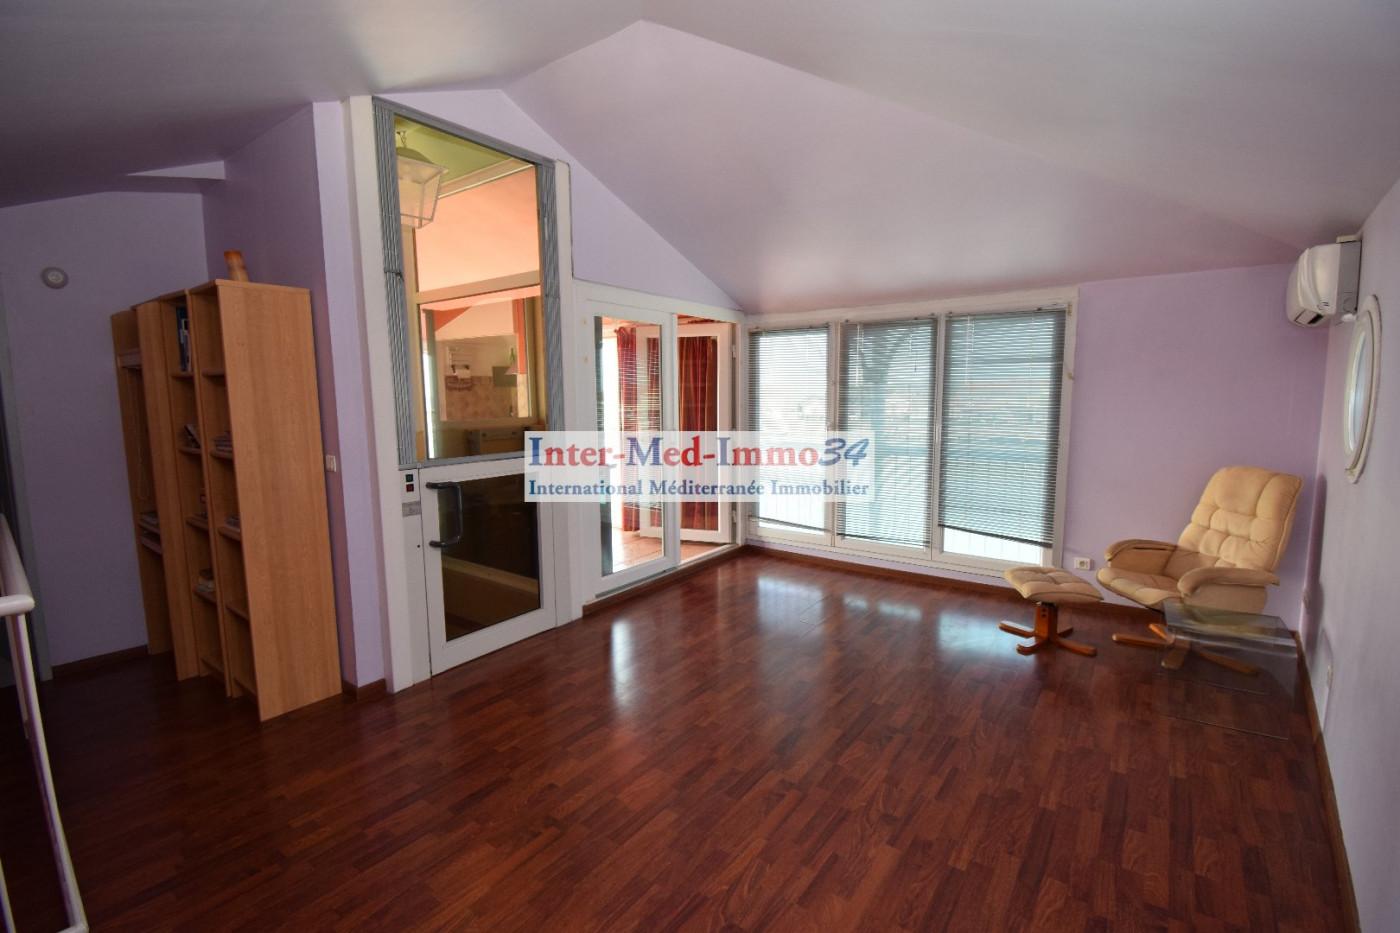 A vendre  Le Grau D'agde | Réf 3458343597 - Inter-med-immo34